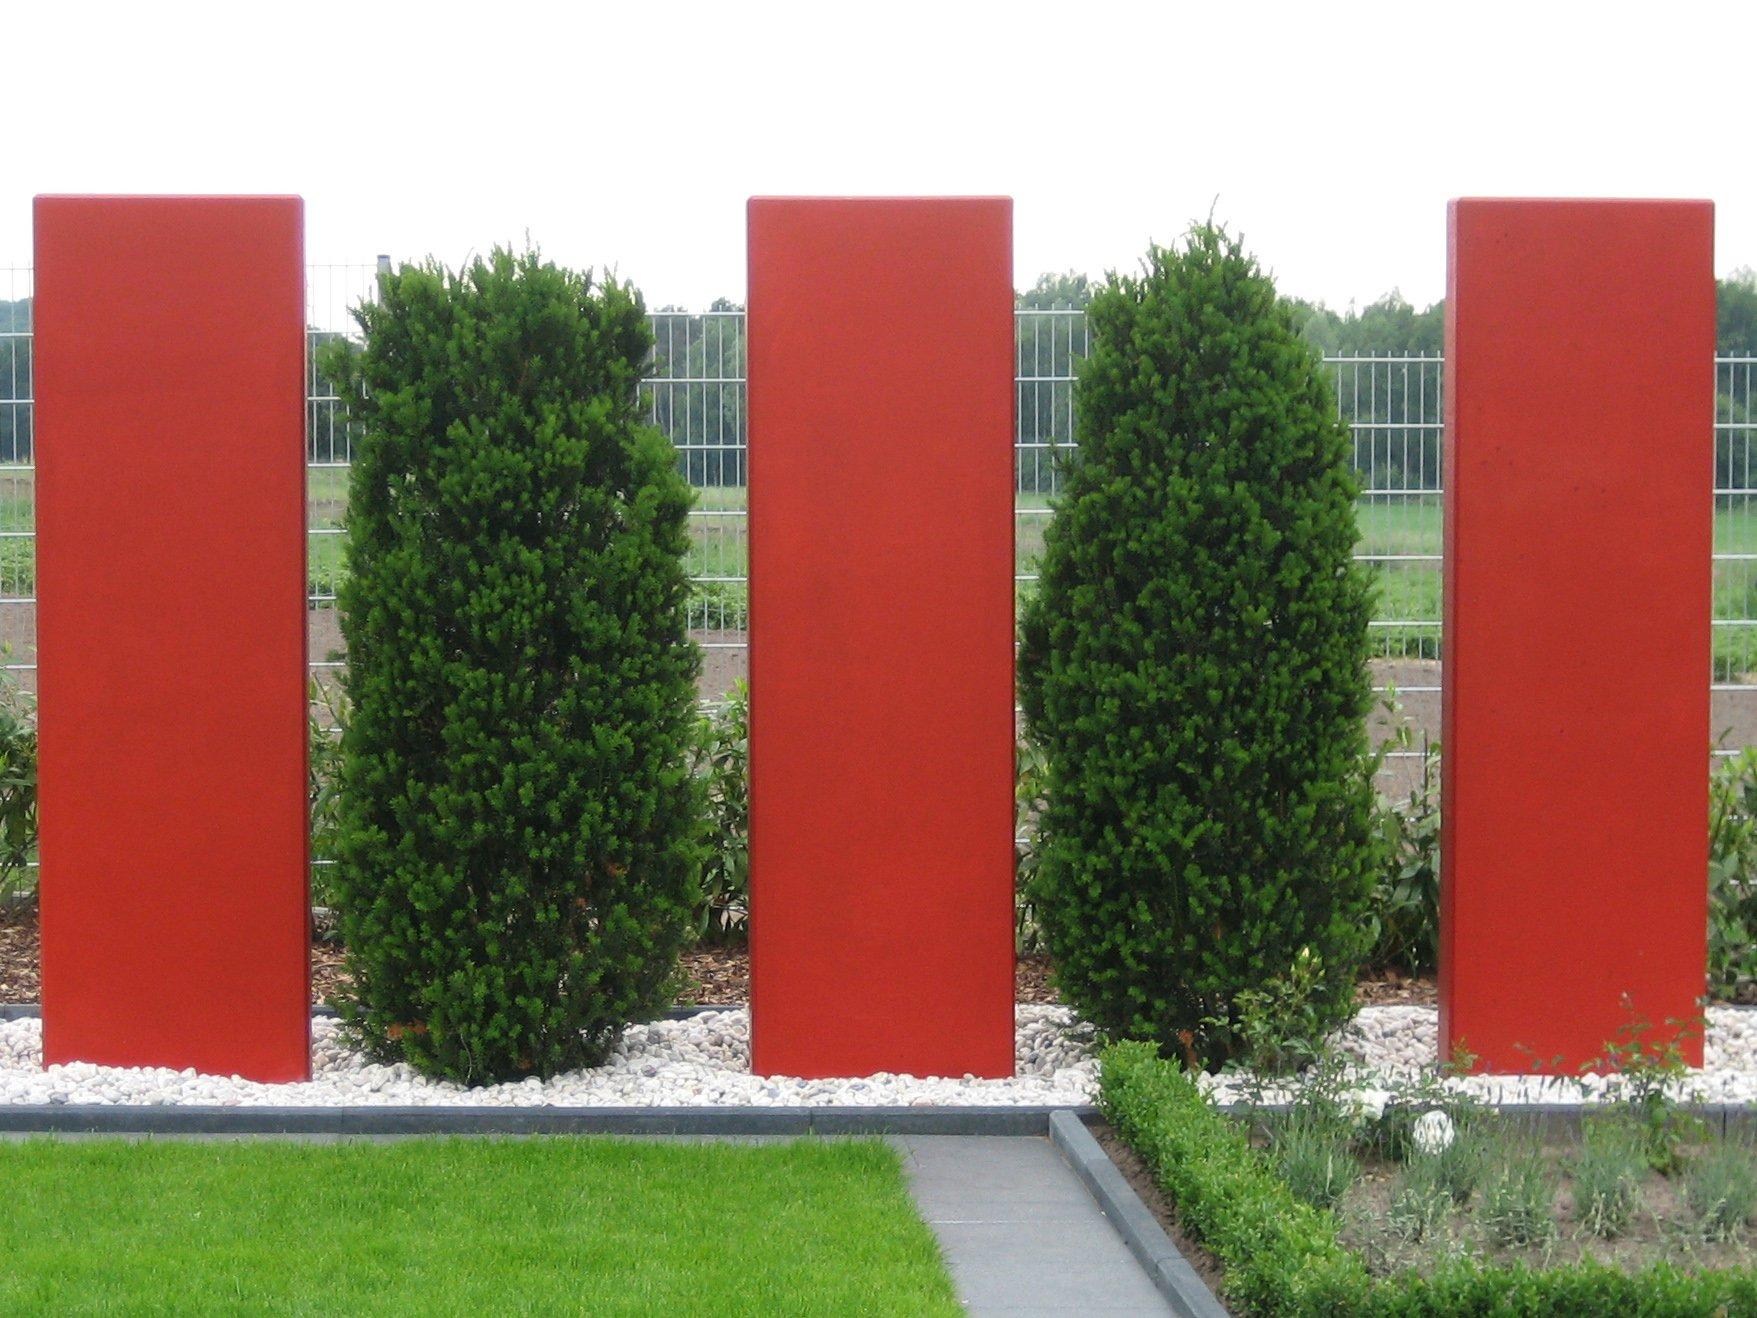 Metall Im Garten Sichtschutz Hochbeet Metallarbeiten Fa Stockreiter